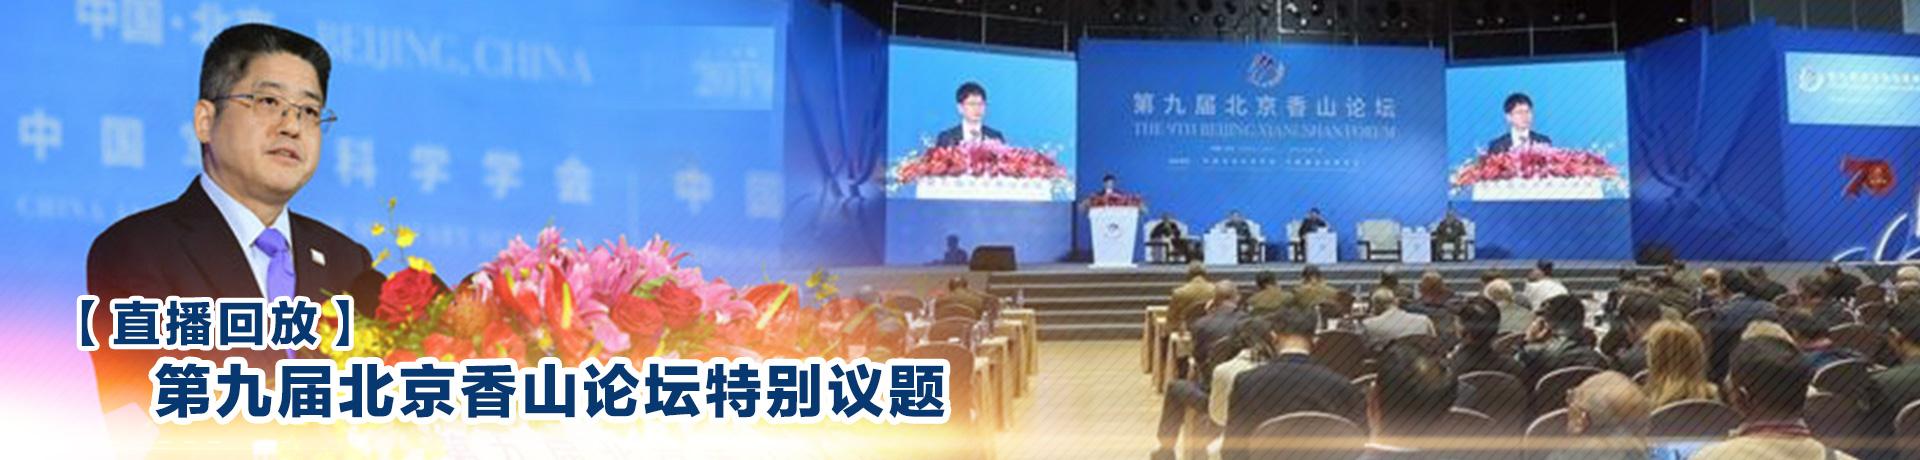 【直播回放】第九届北京香山论坛特别议题